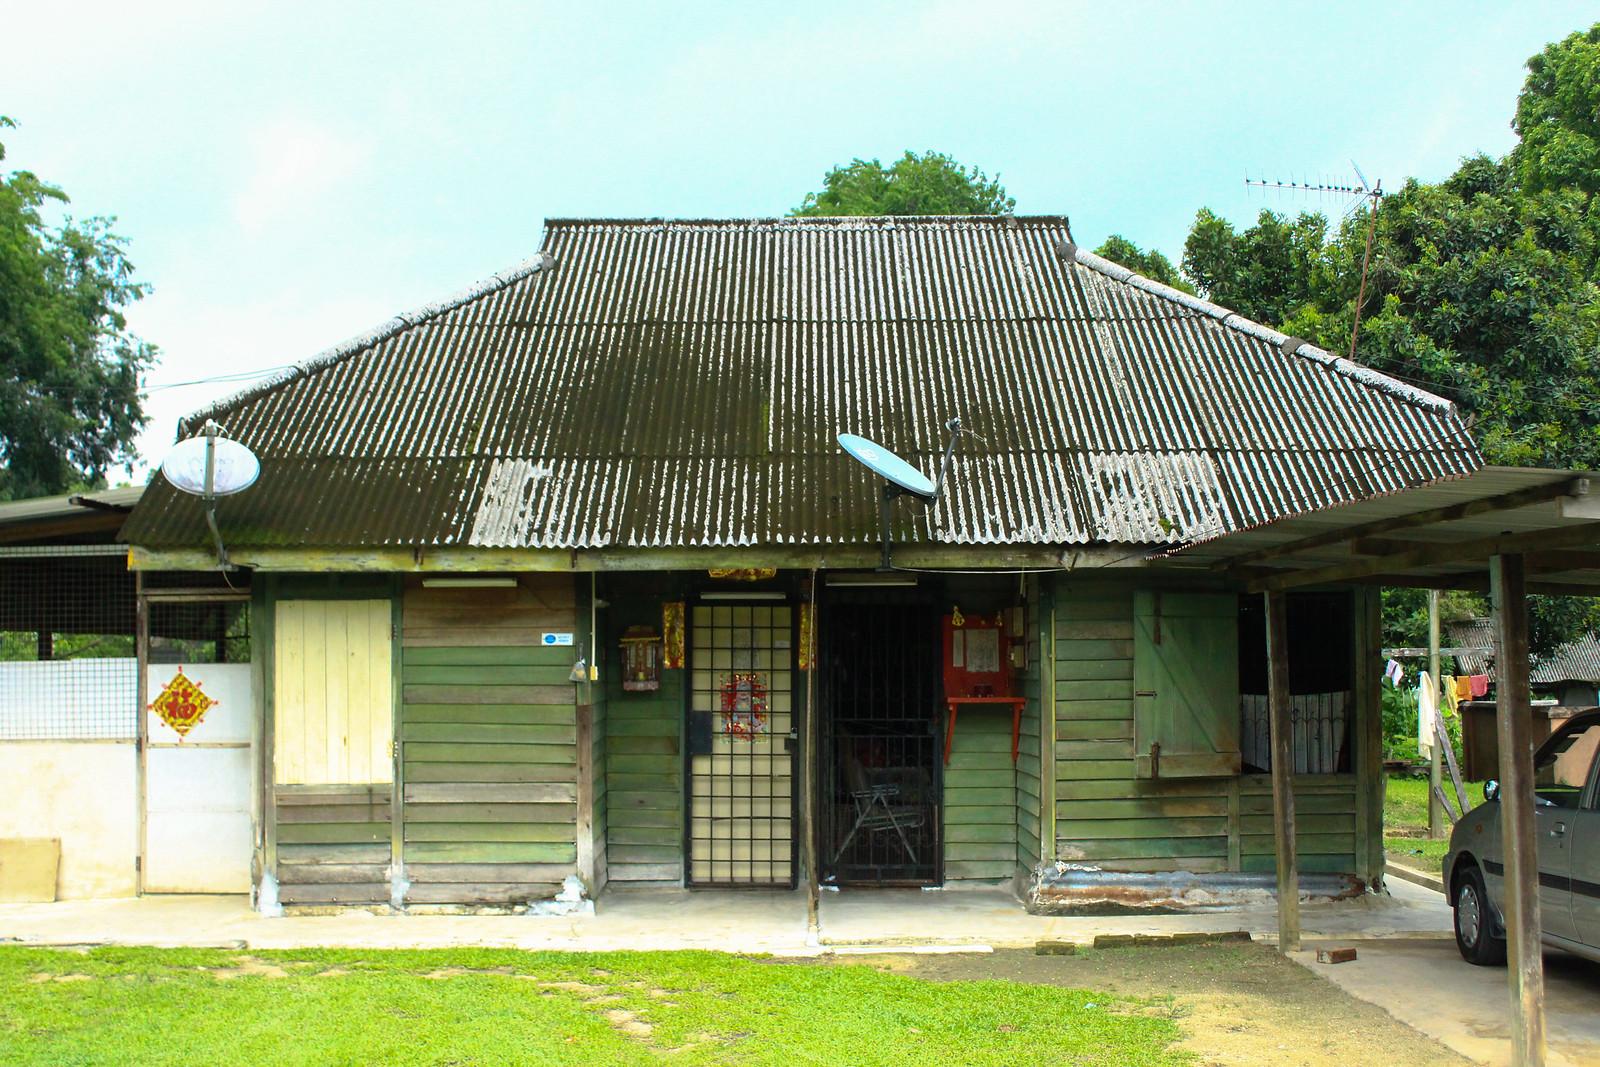 如今看來並不起眼的木造小房子,卻是20世紀初最現代化的療養院設計。(攝影:何欣潔)